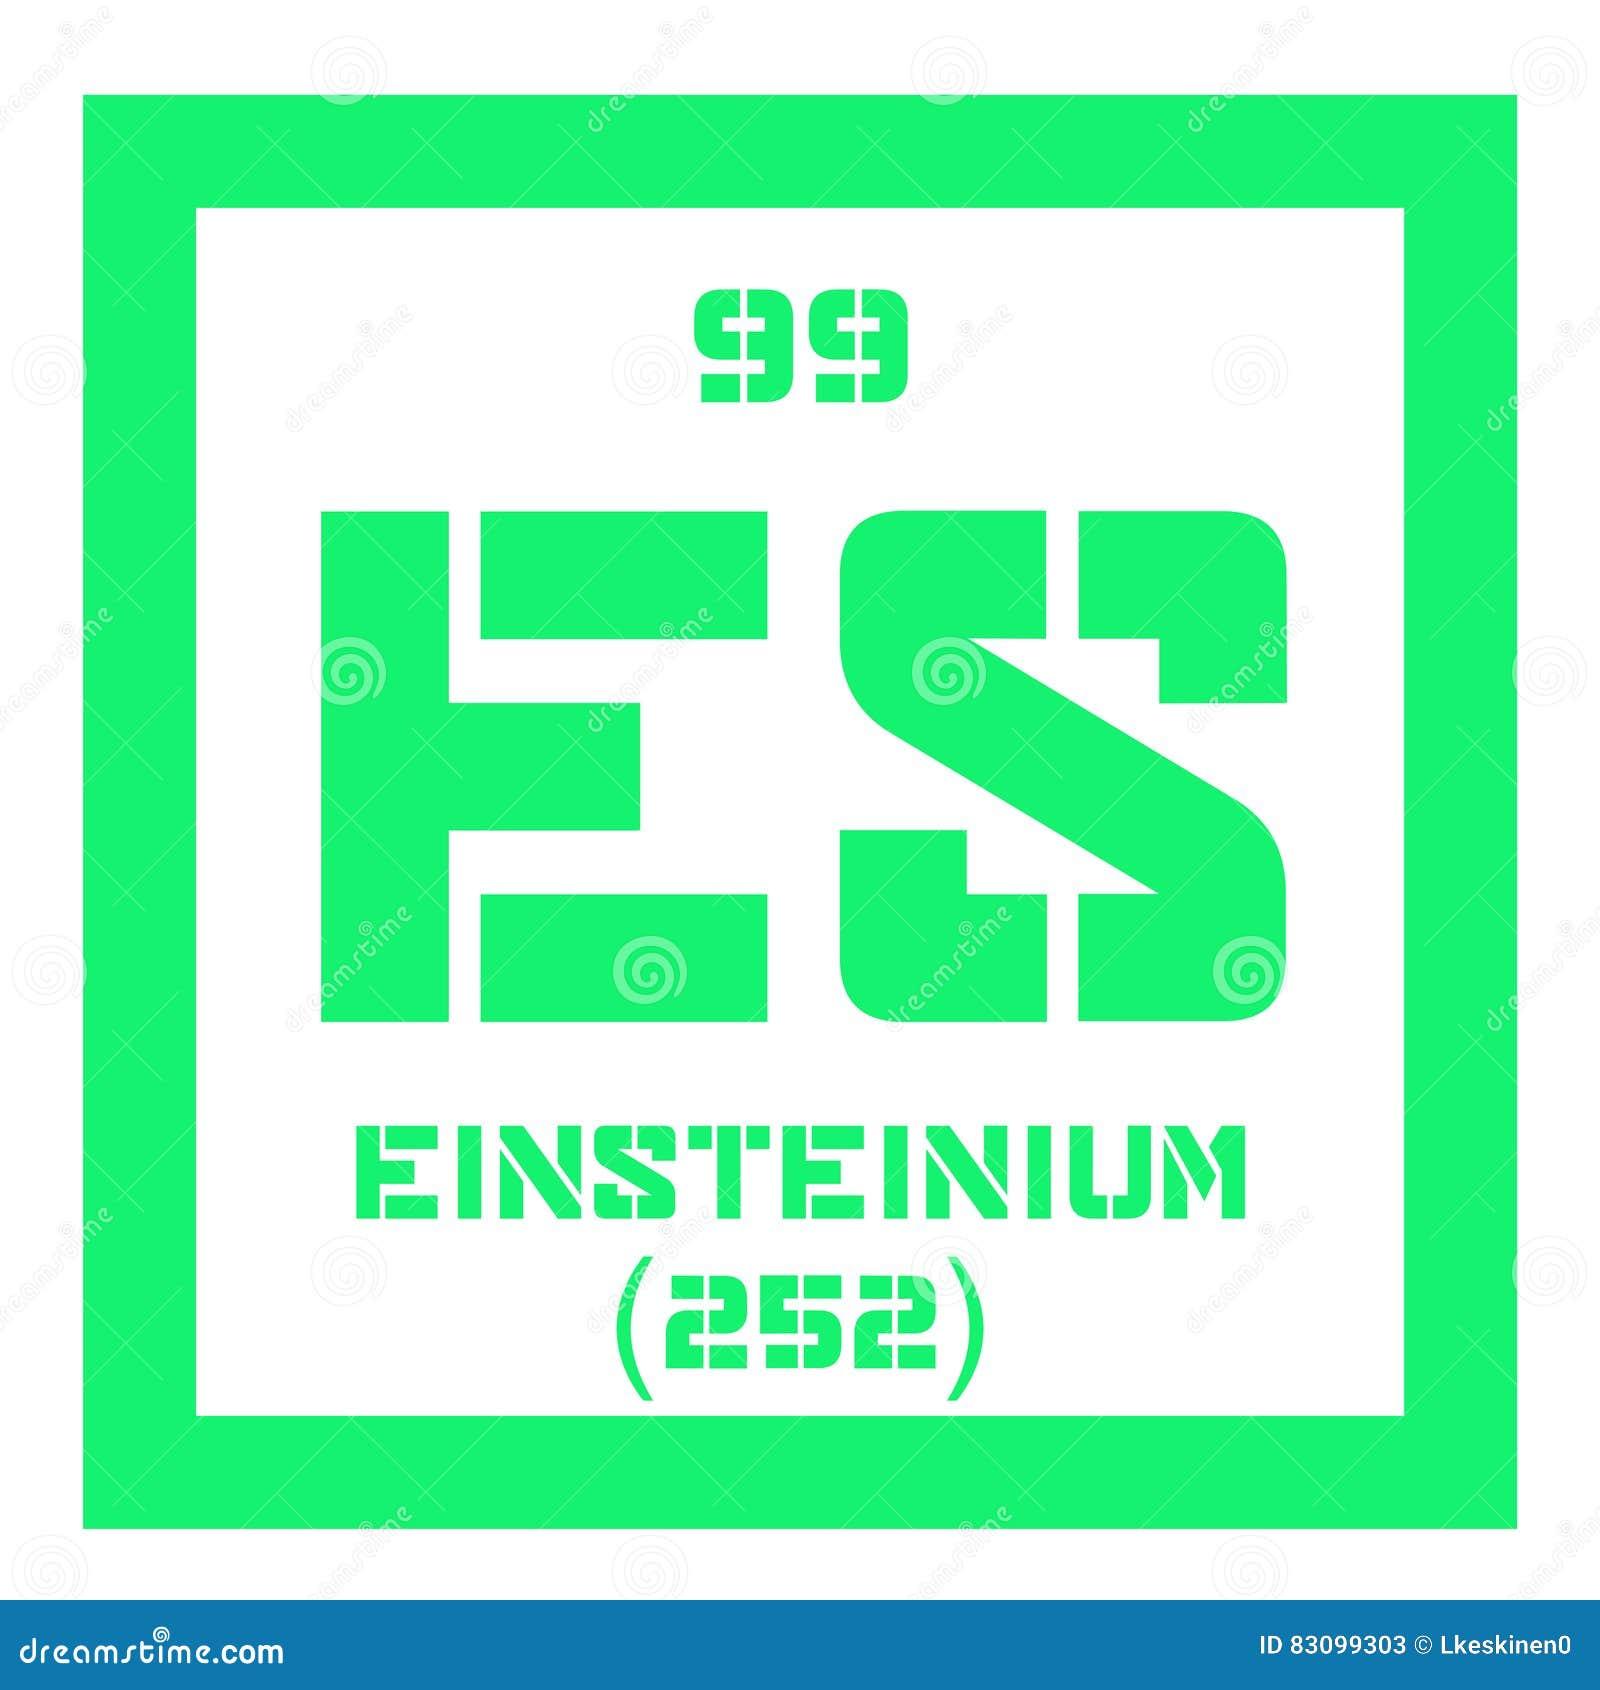 Einsteinium chemisch element